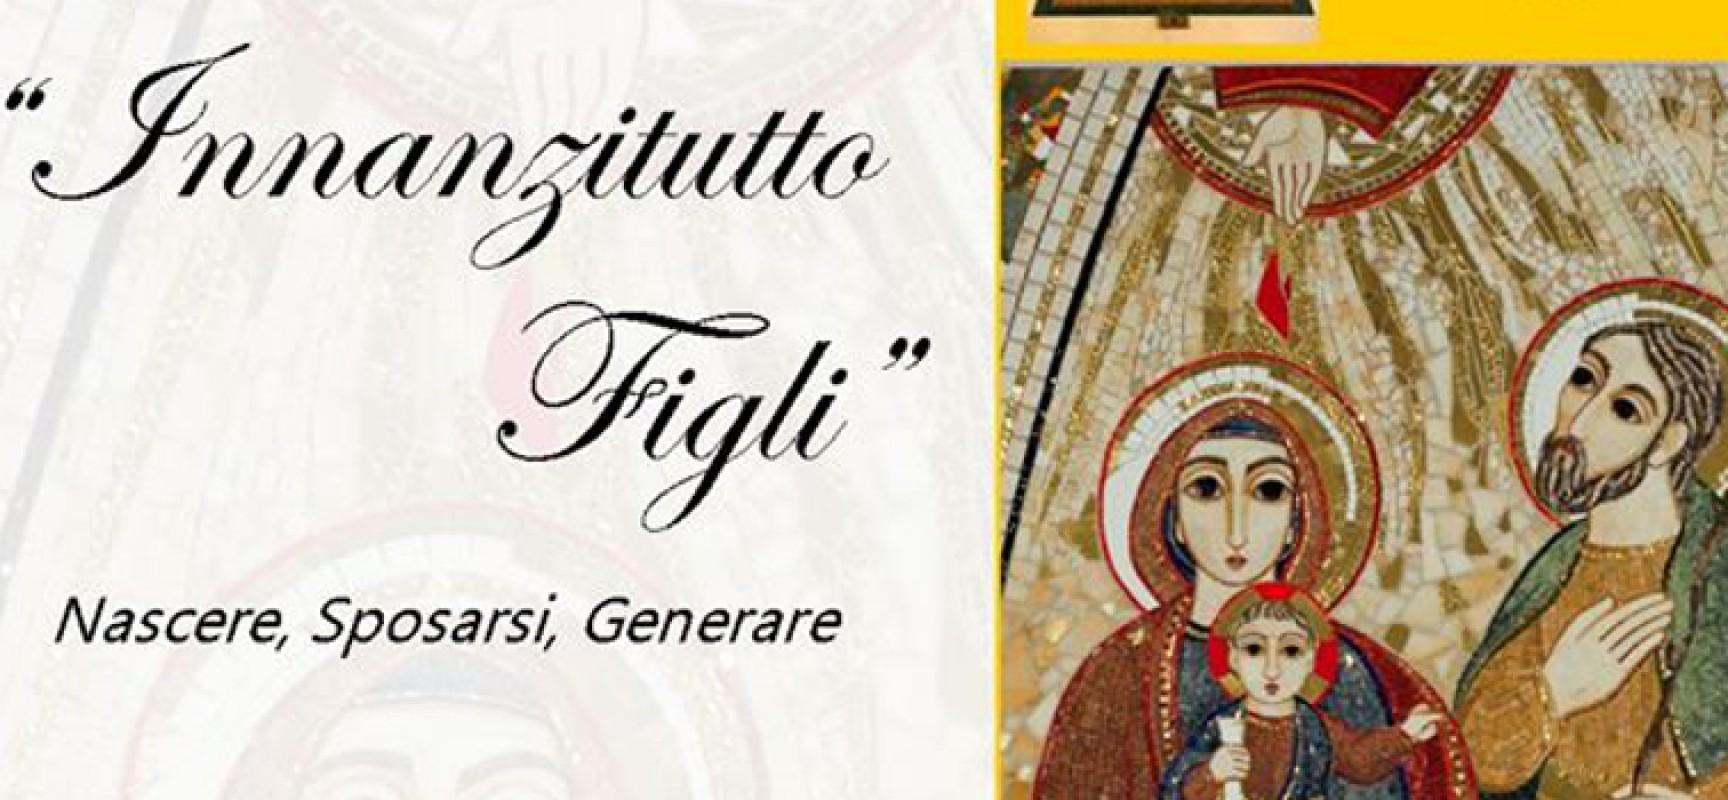 """""""Innanzitutto figli. Nascere, Sposarsi, Generare"""", don Giulio Meiattini presenta a Bisceglie il suo libro"""